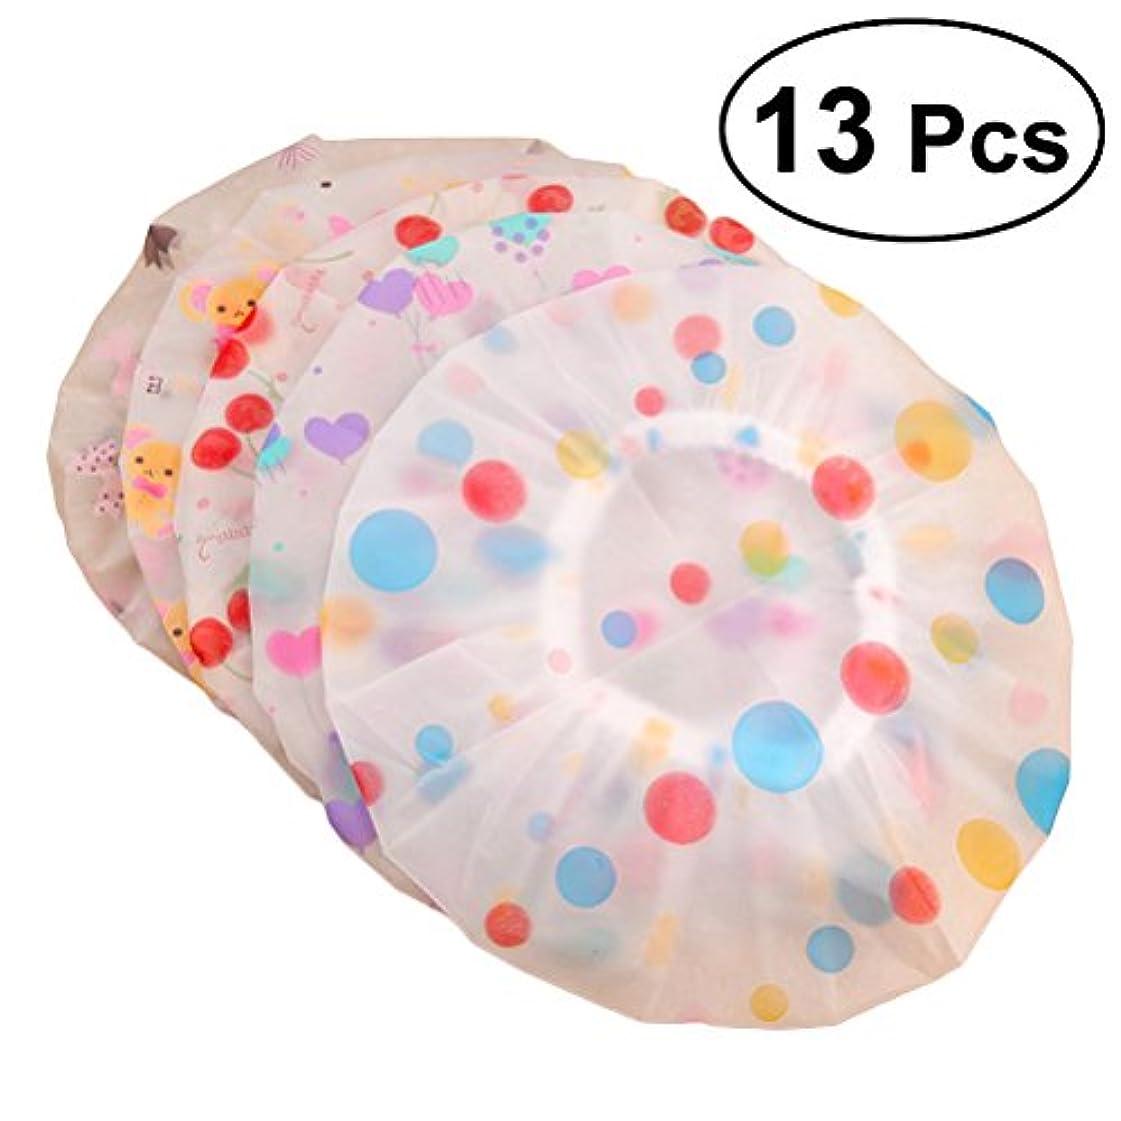 床言及する筋肉のROSENICE シャワーキャップ13pcs弾性防水プラスチック製の入浴用サロンヘアキャップレディサロンハット(示されているように)